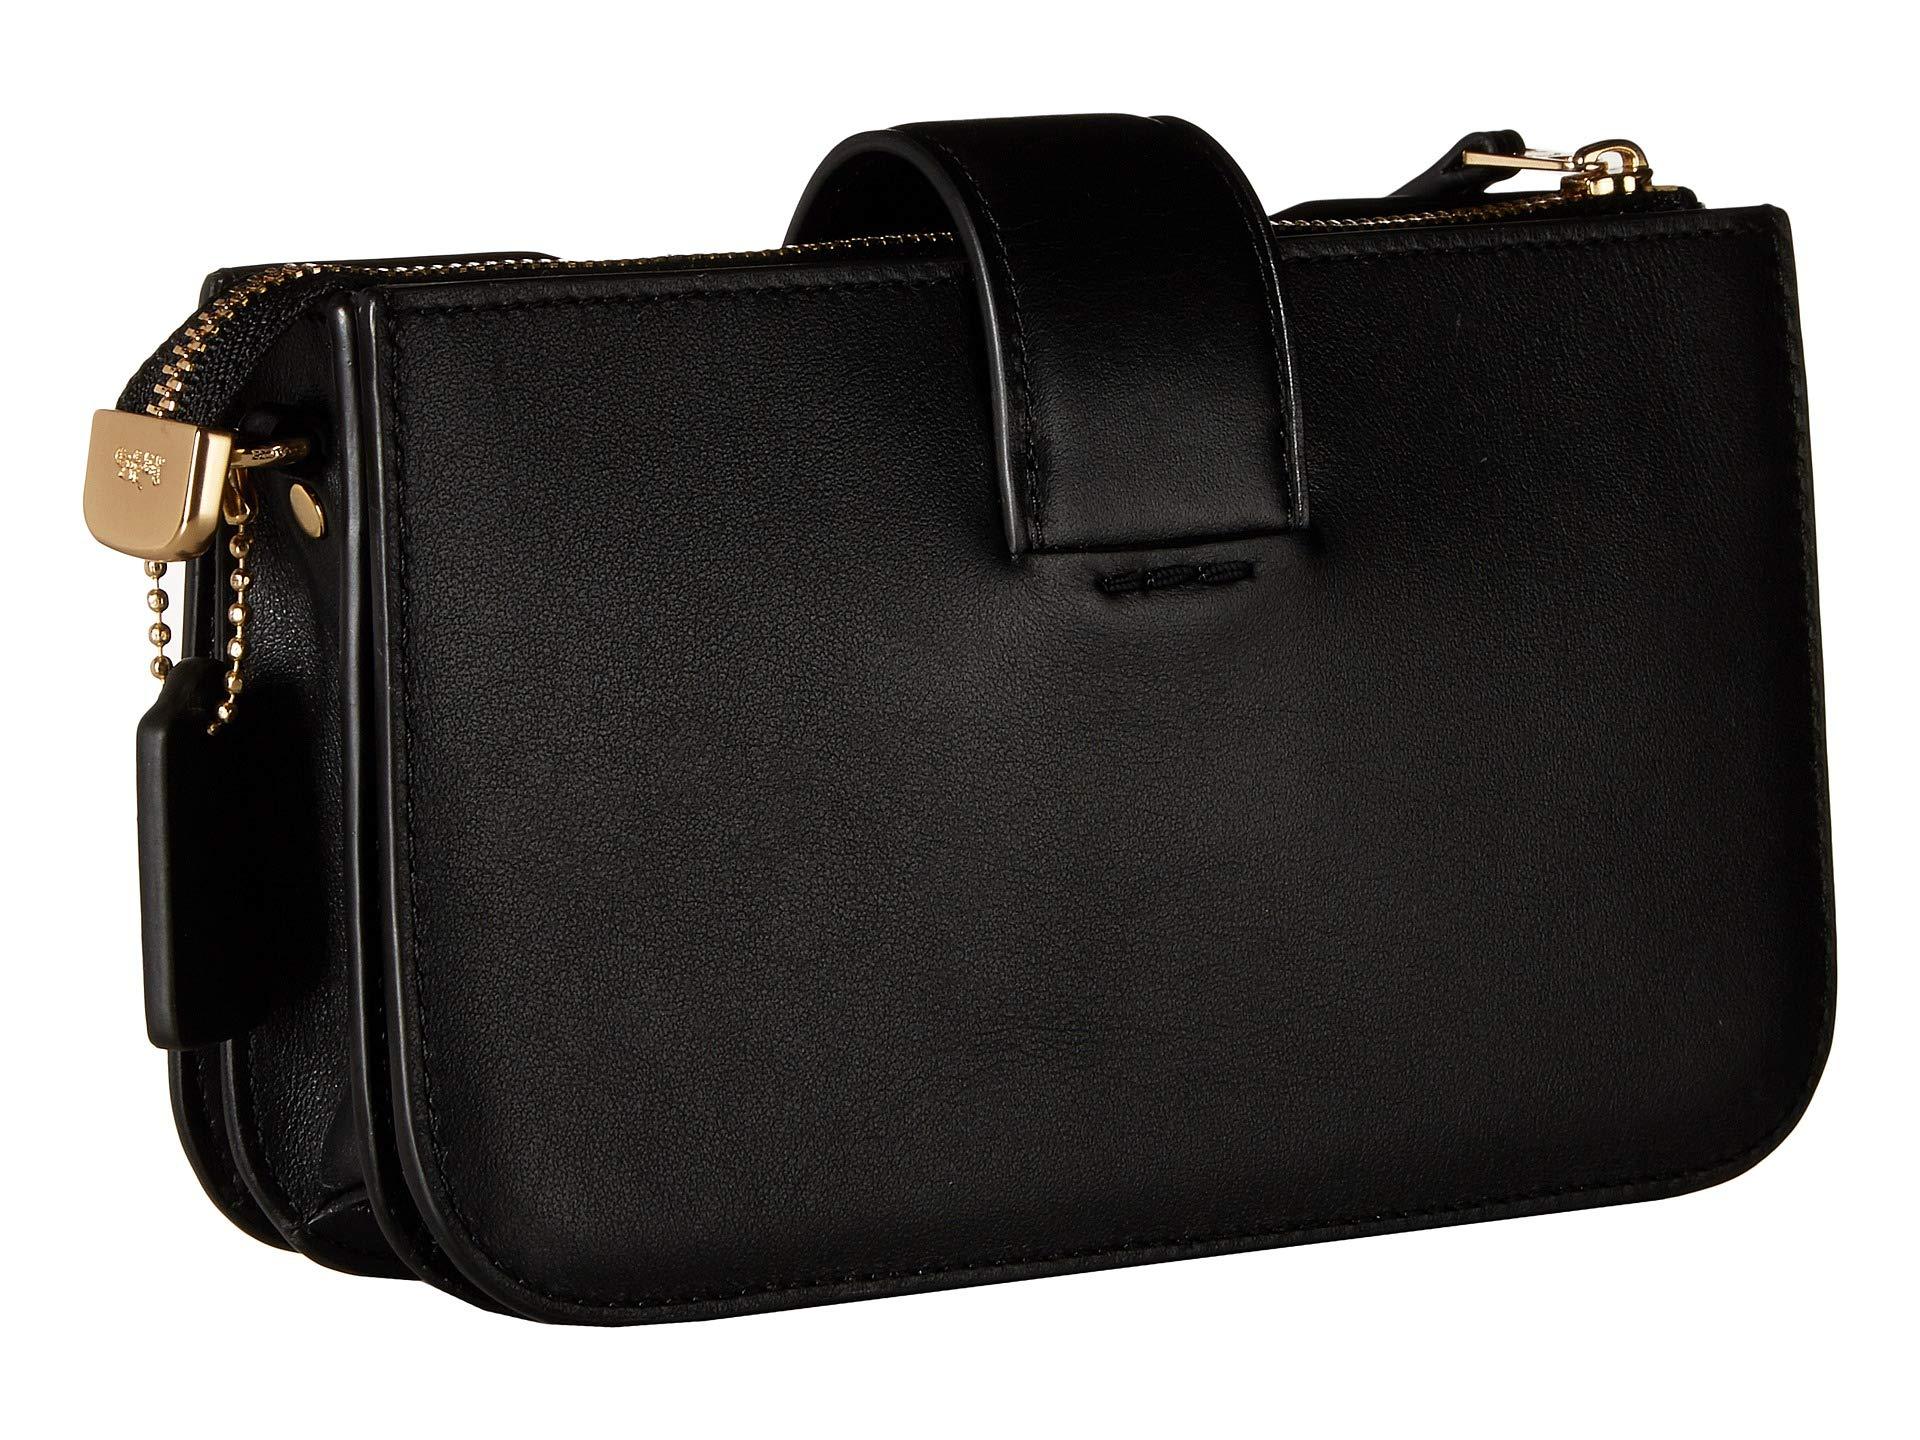 black Crossbody Turnlock Smooth Leather Gd Coach qHXZvFwv